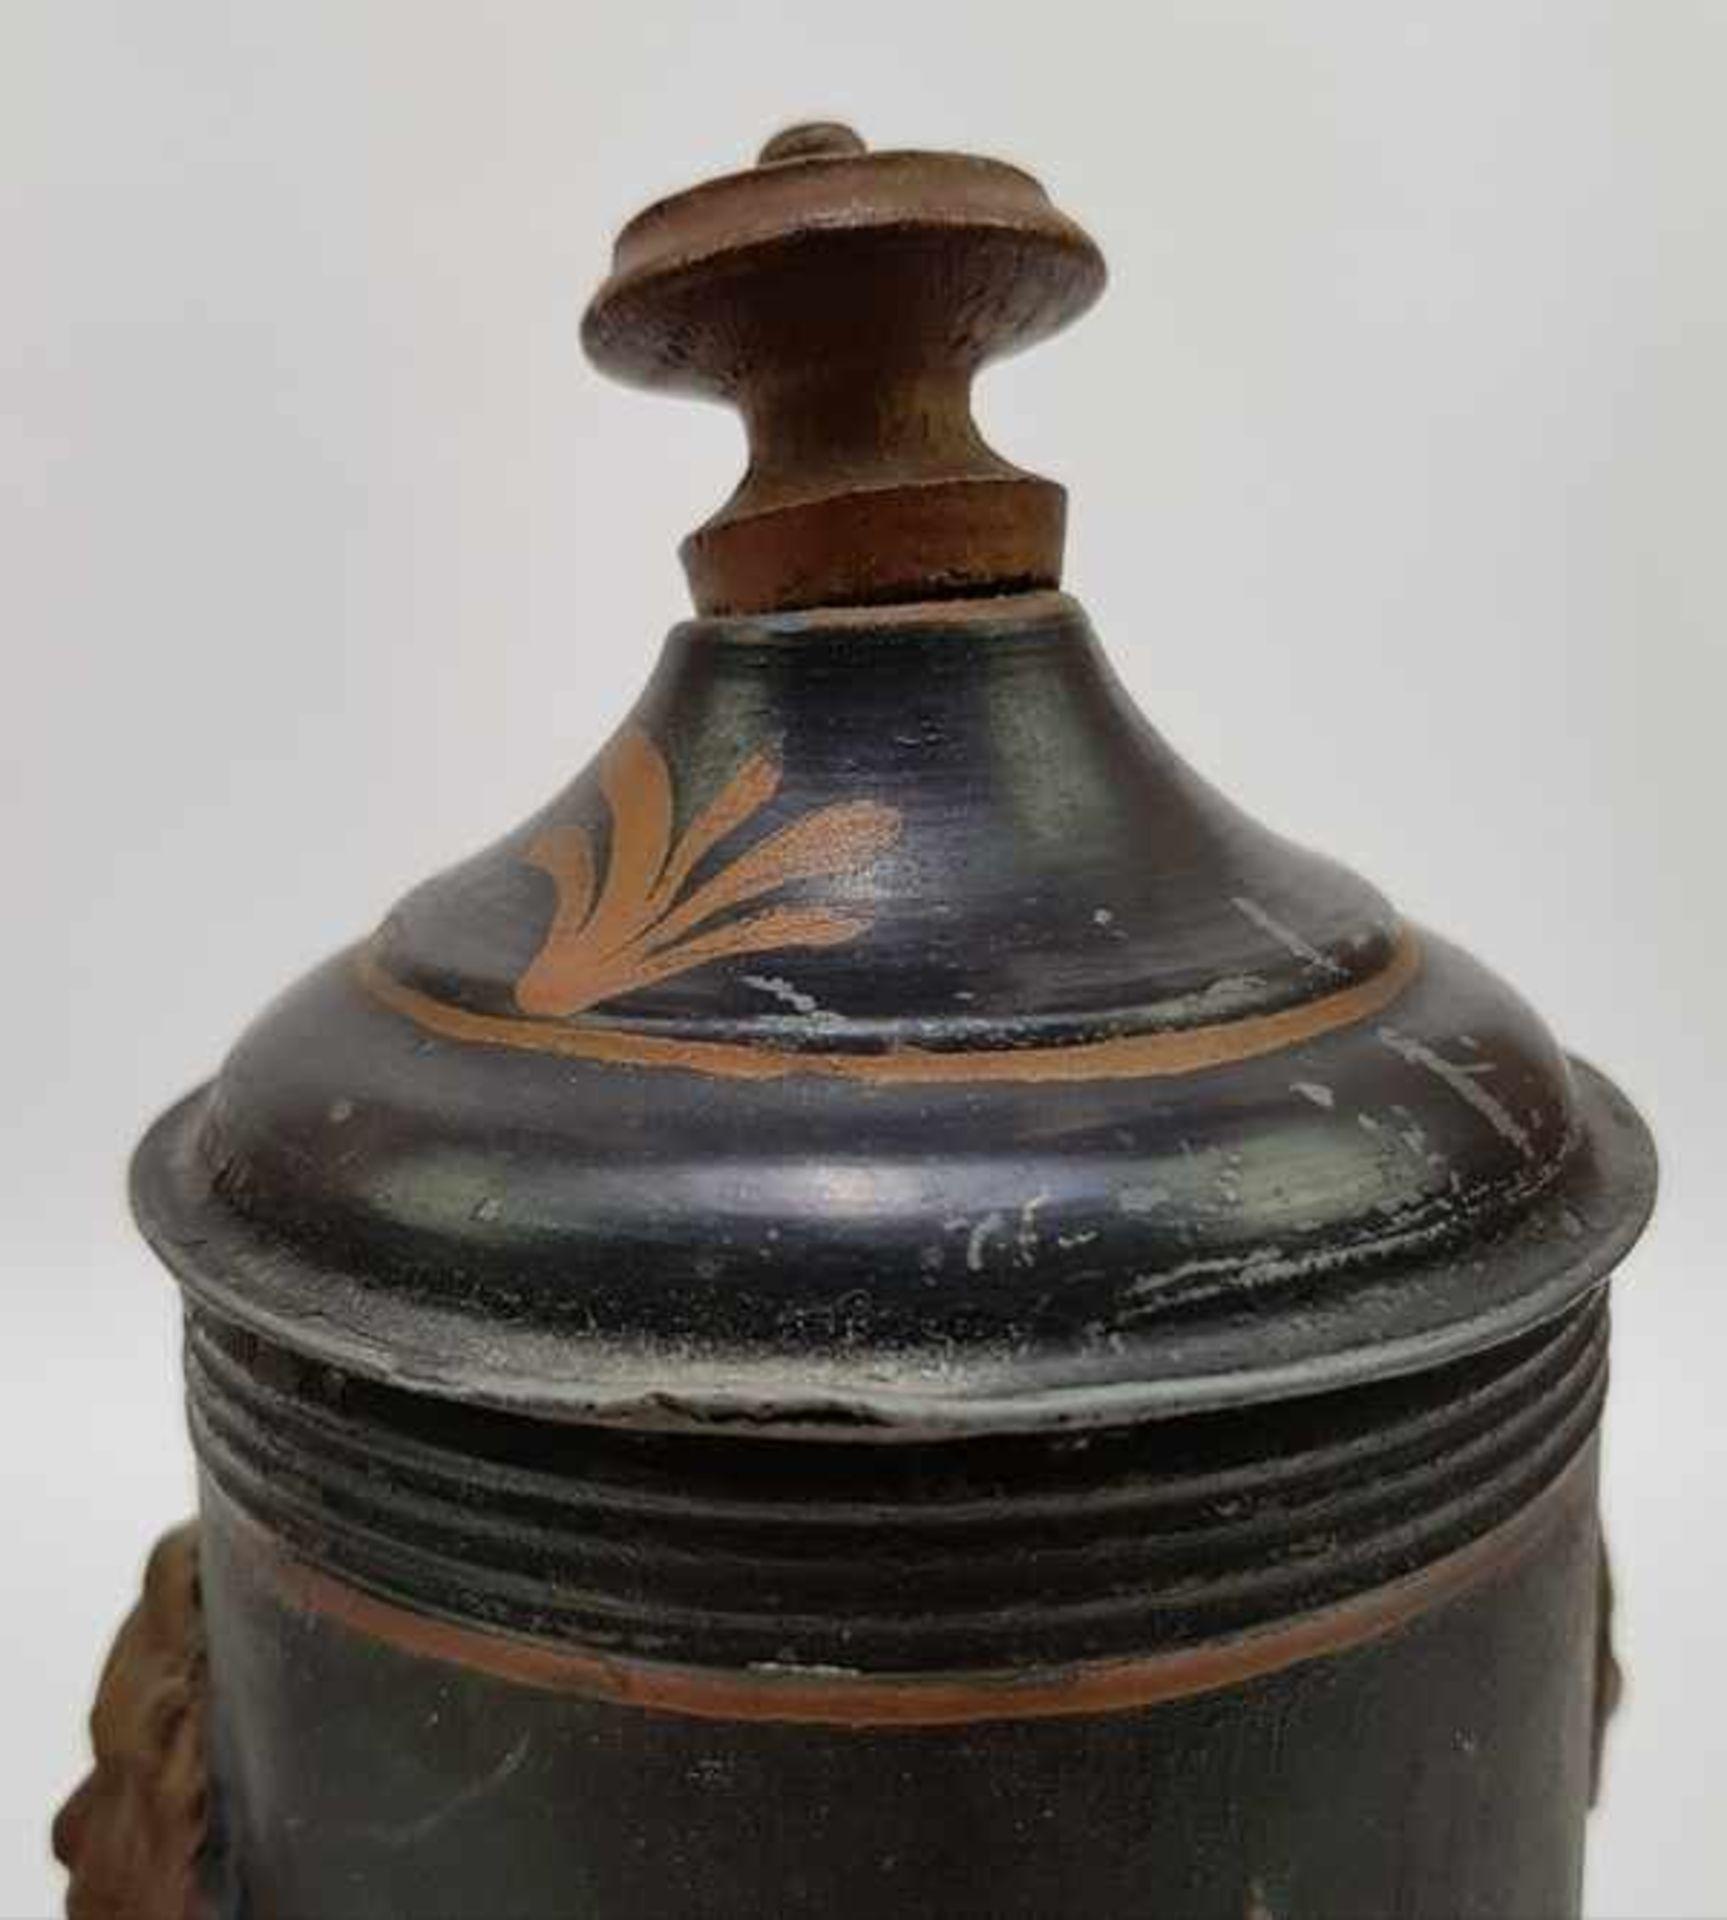 (Antiek) Blikken kraantjespot, theebus en dienblad - Image 7 of 10